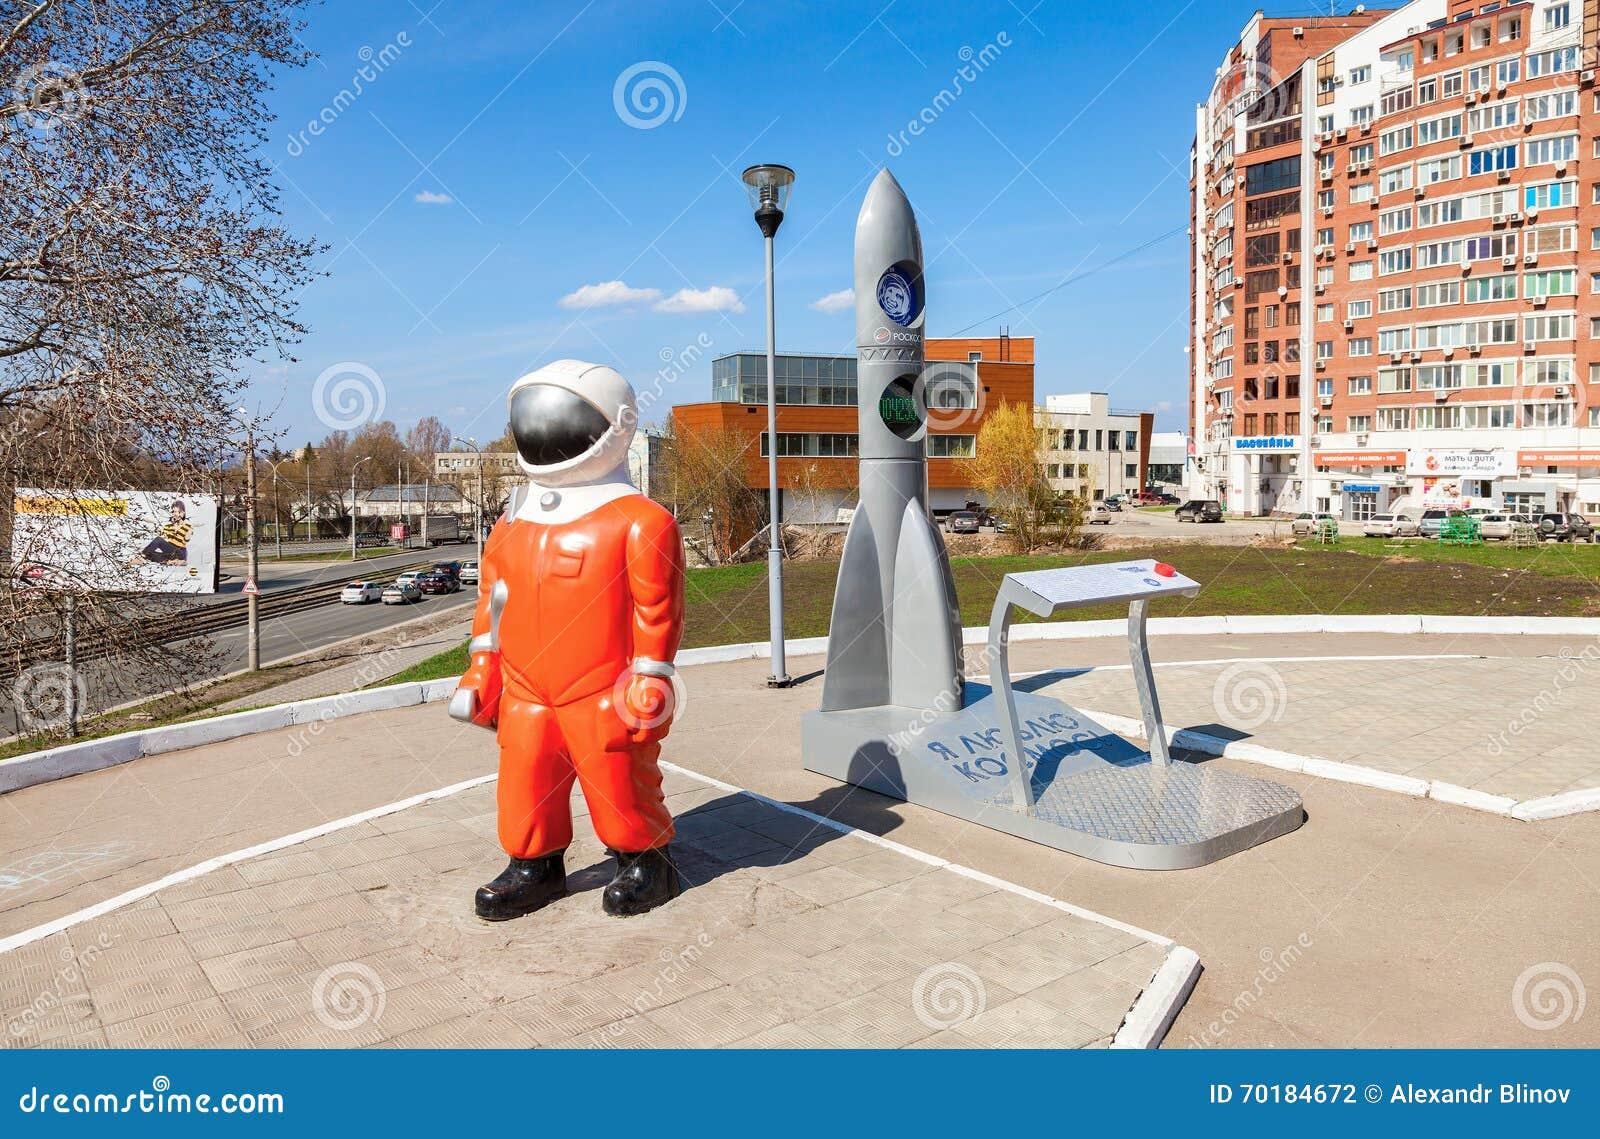 Skulptera kosmonautet och modellera raket nära museet och utställningen